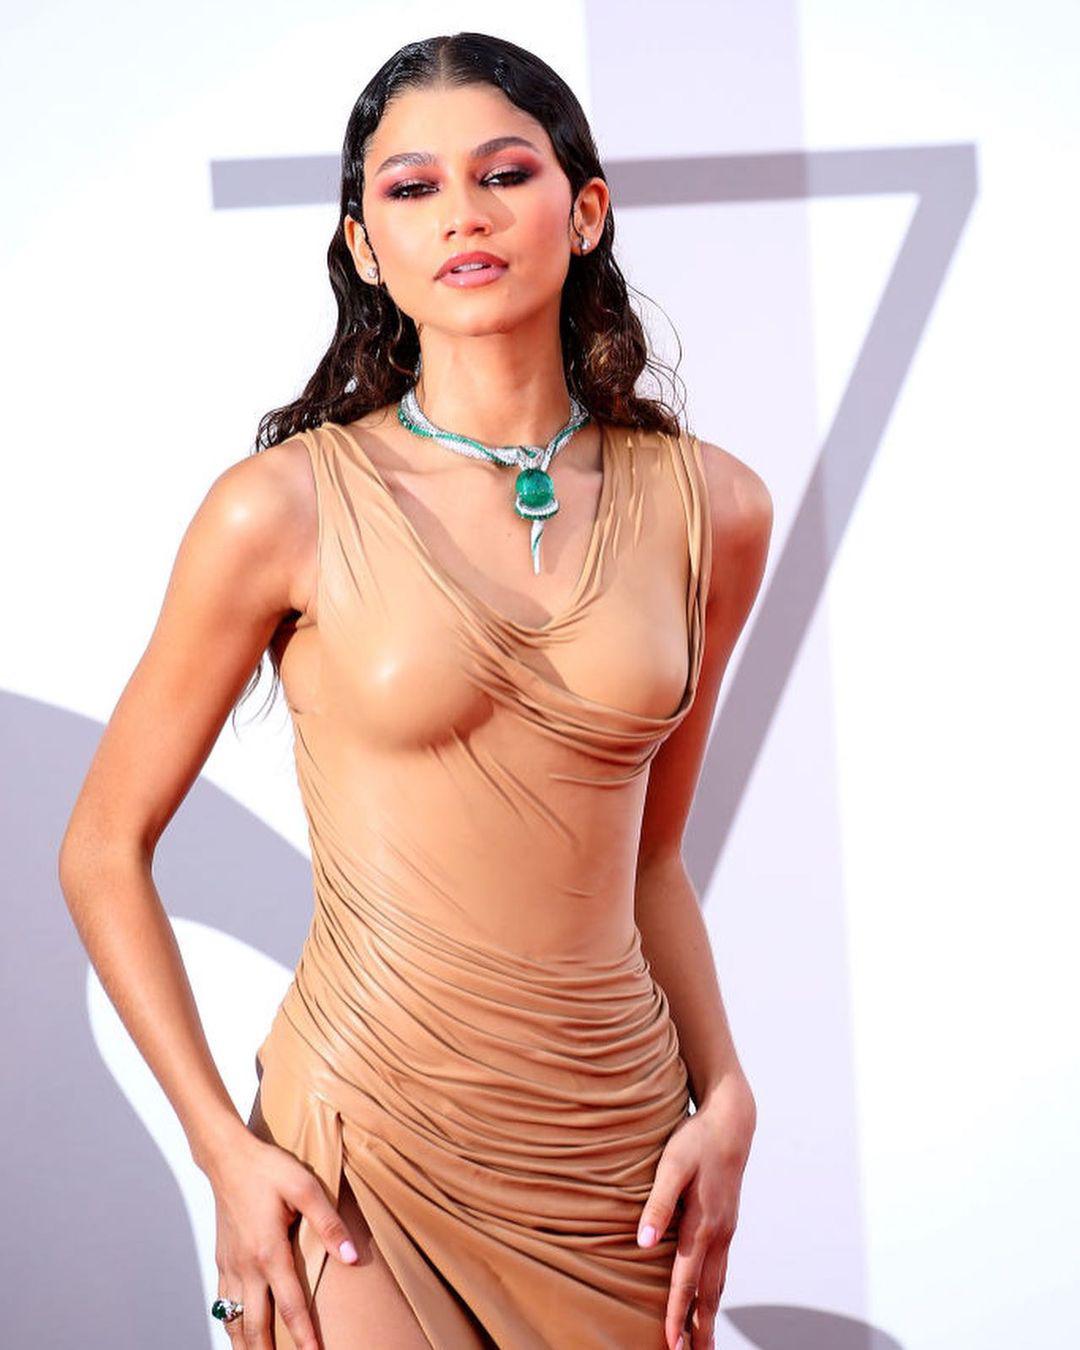 Зендея в платье Balmain и украшениях Bvlgari на премьере фильма «Дюна» в рамках Венецианского кинофестиваля, 2021